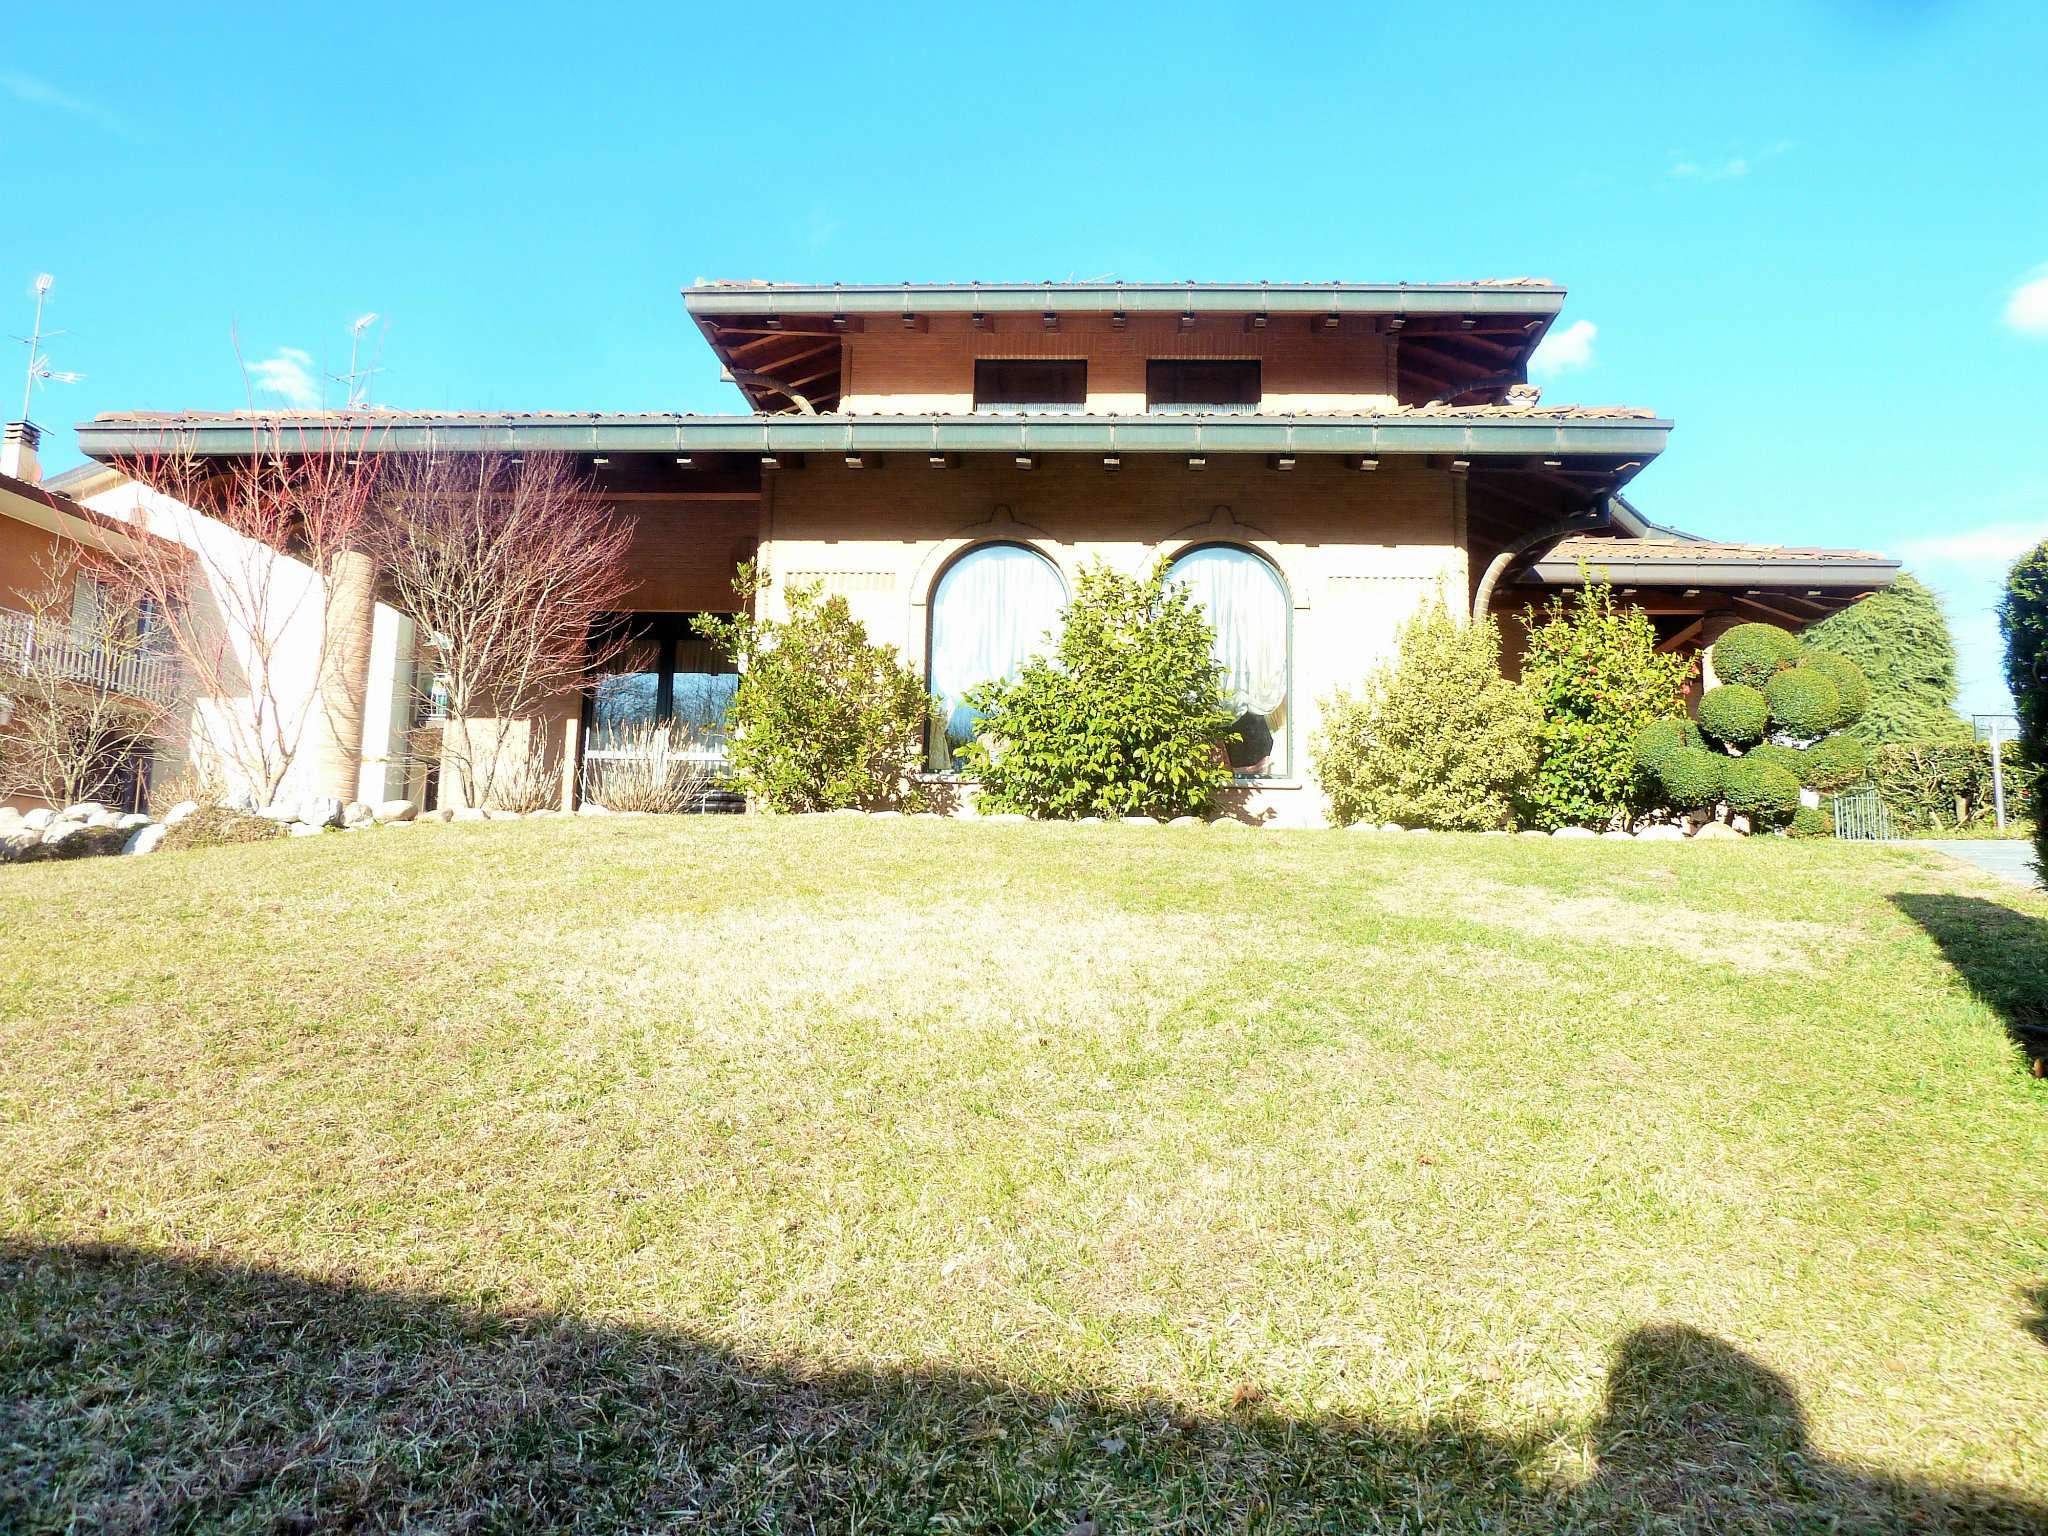 Villa in vendita a Uggiate-Trevano, 4 locali, prezzo € 1.150.000 | PortaleAgenzieImmobiliari.it